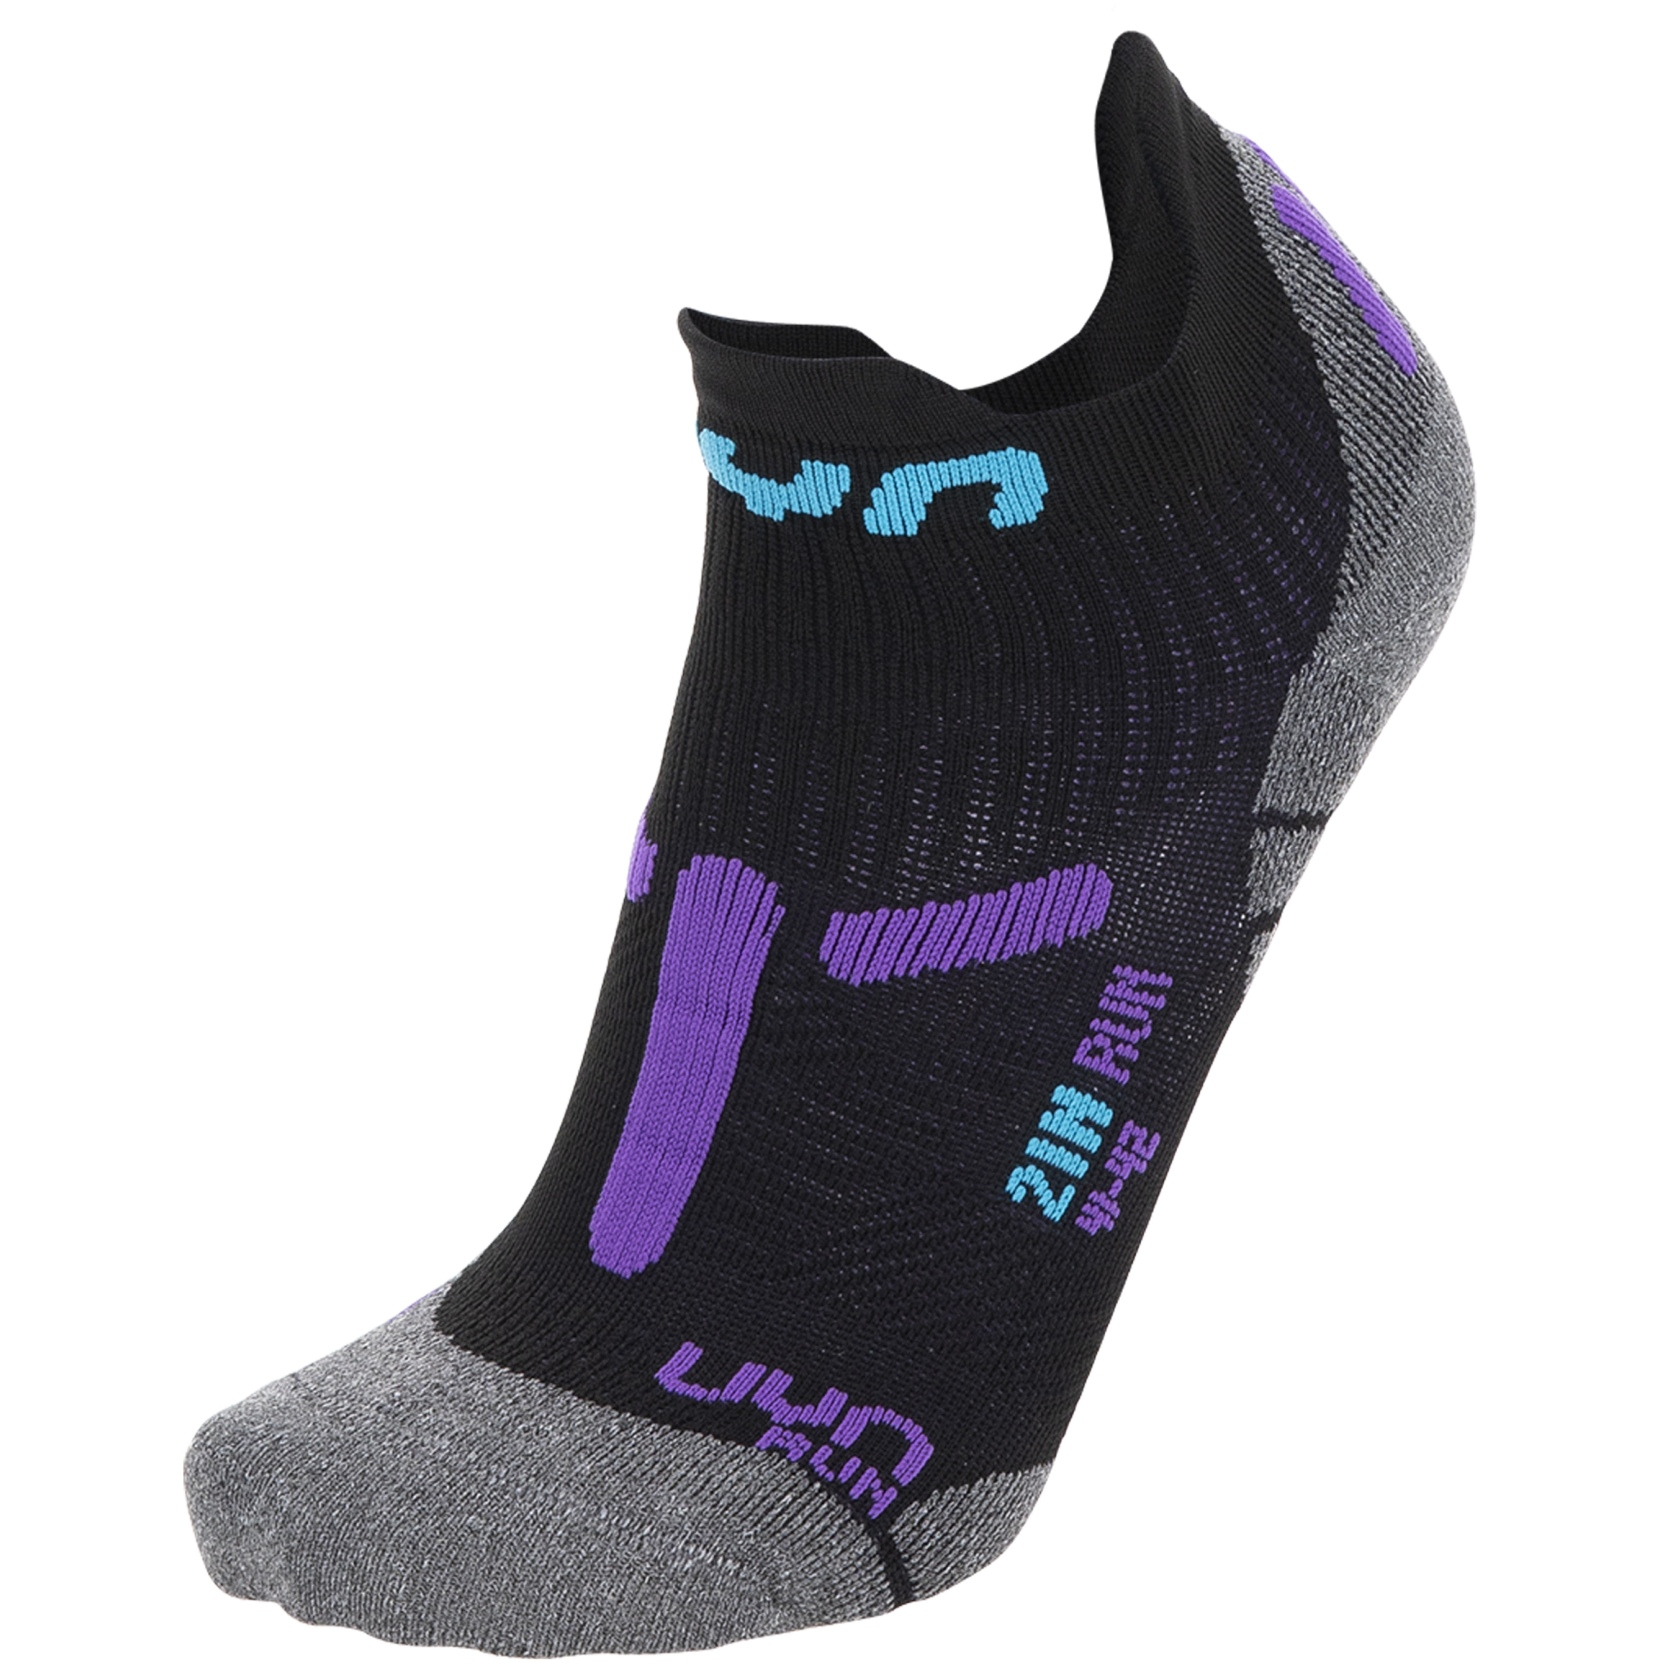 Bild von UYN Run 2In Damen Laufsocken - Black/Violet